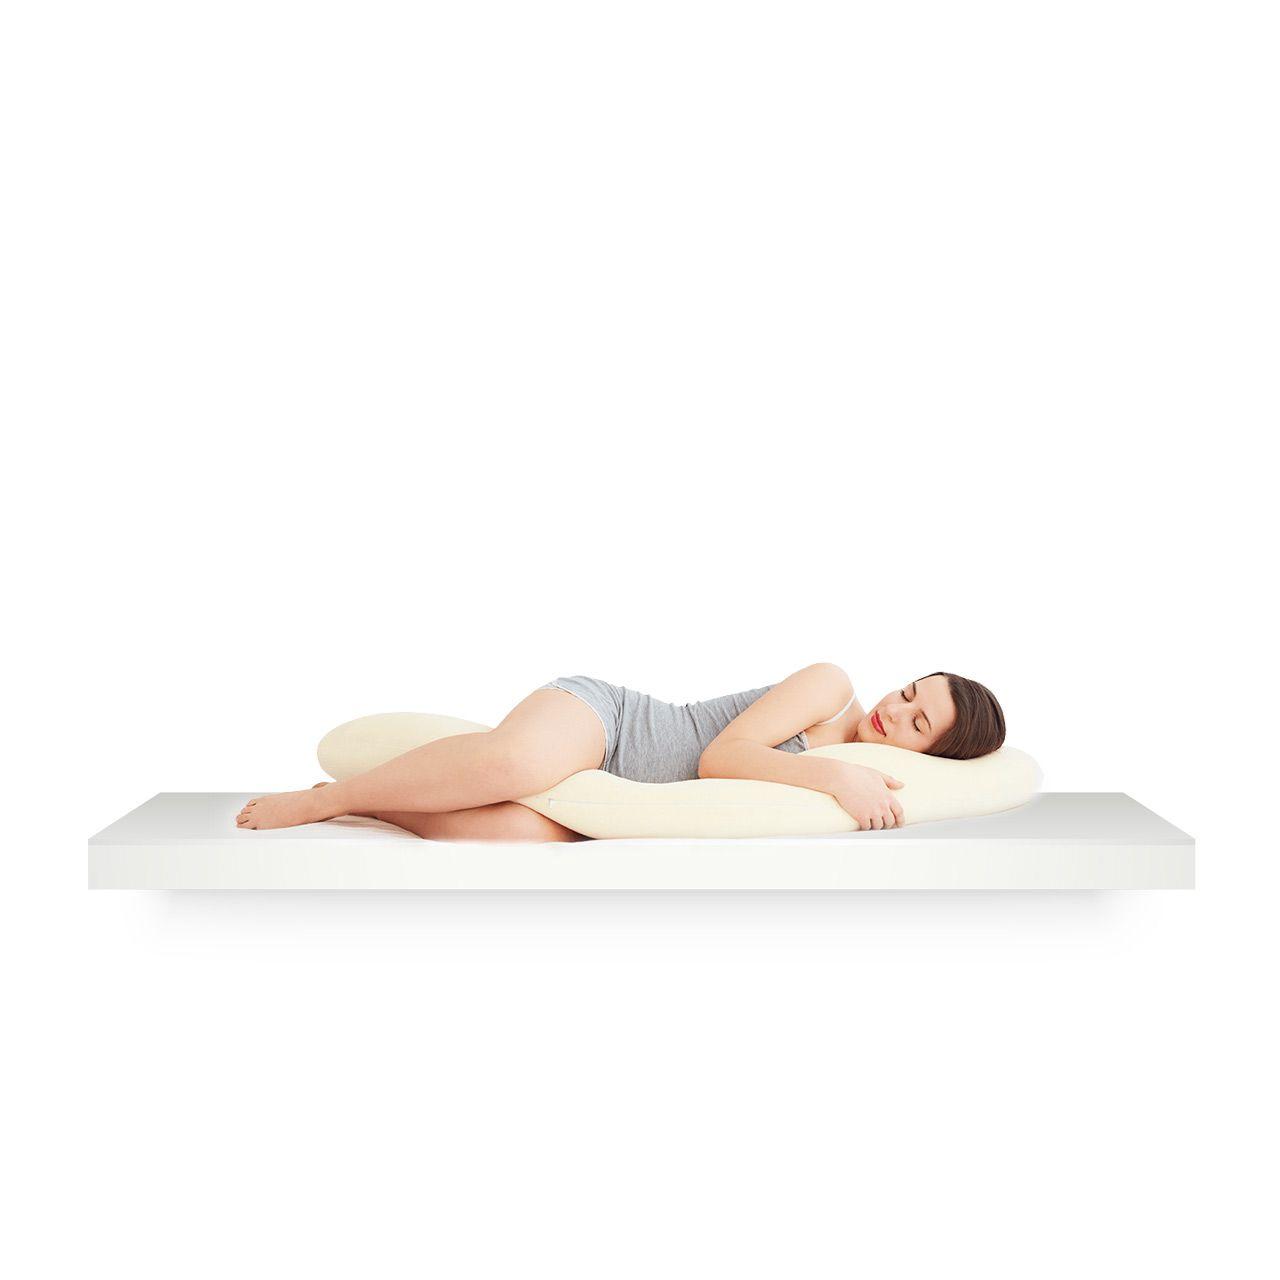 quality sleep with melatonin - melatonin helps you get to sleep